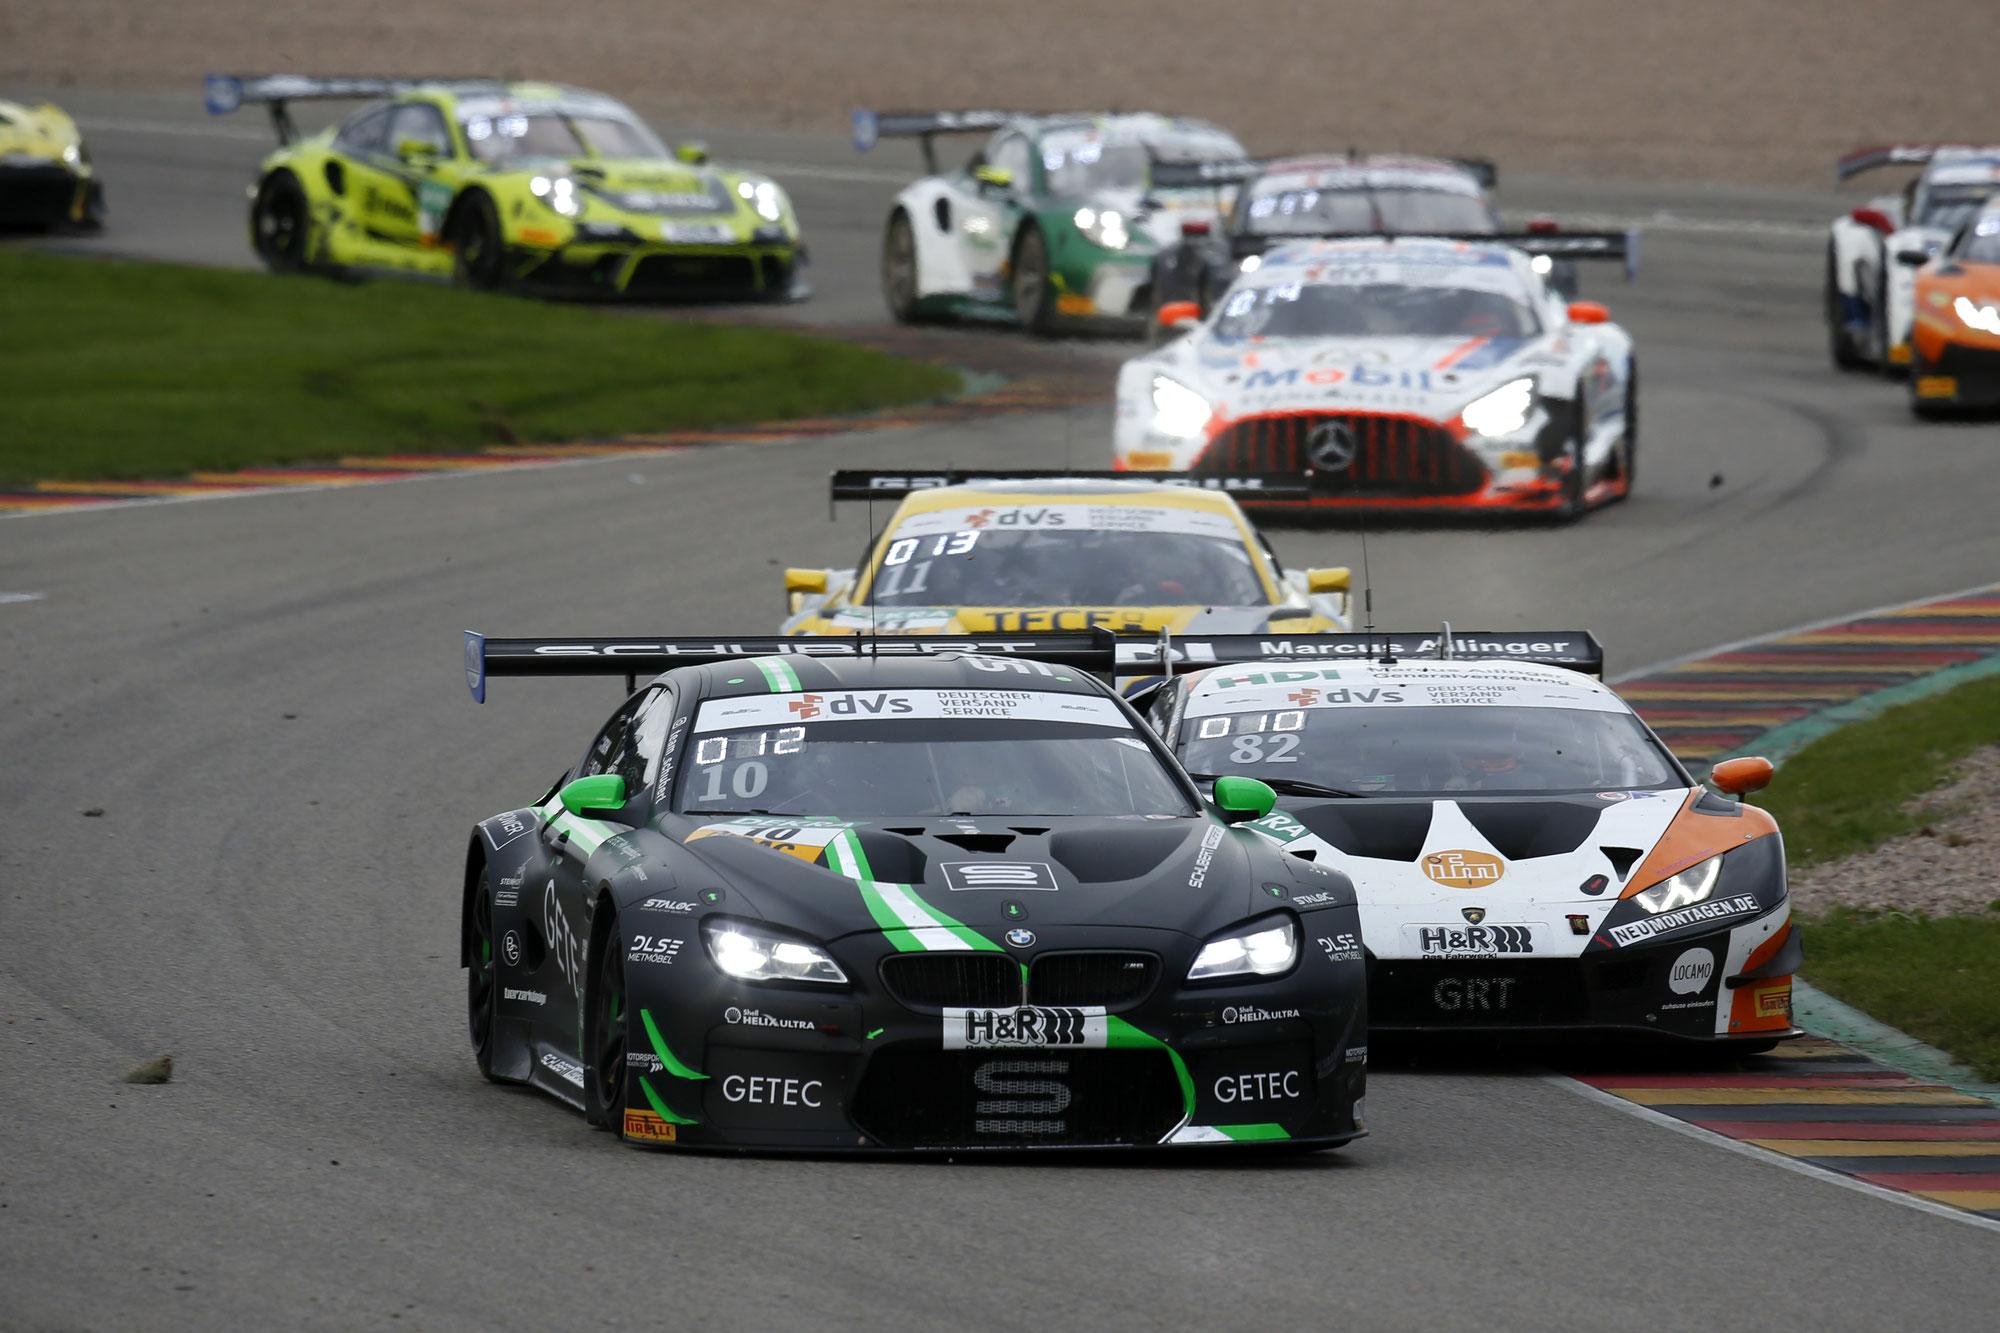 Schubert Motorsport erlebt Achterbahn auf dem Sachsenring: Erstes Podium in der ADAC GT4 Germany sorgt für HighlightSchubert Motorsport erlebt Achterbahn auf de